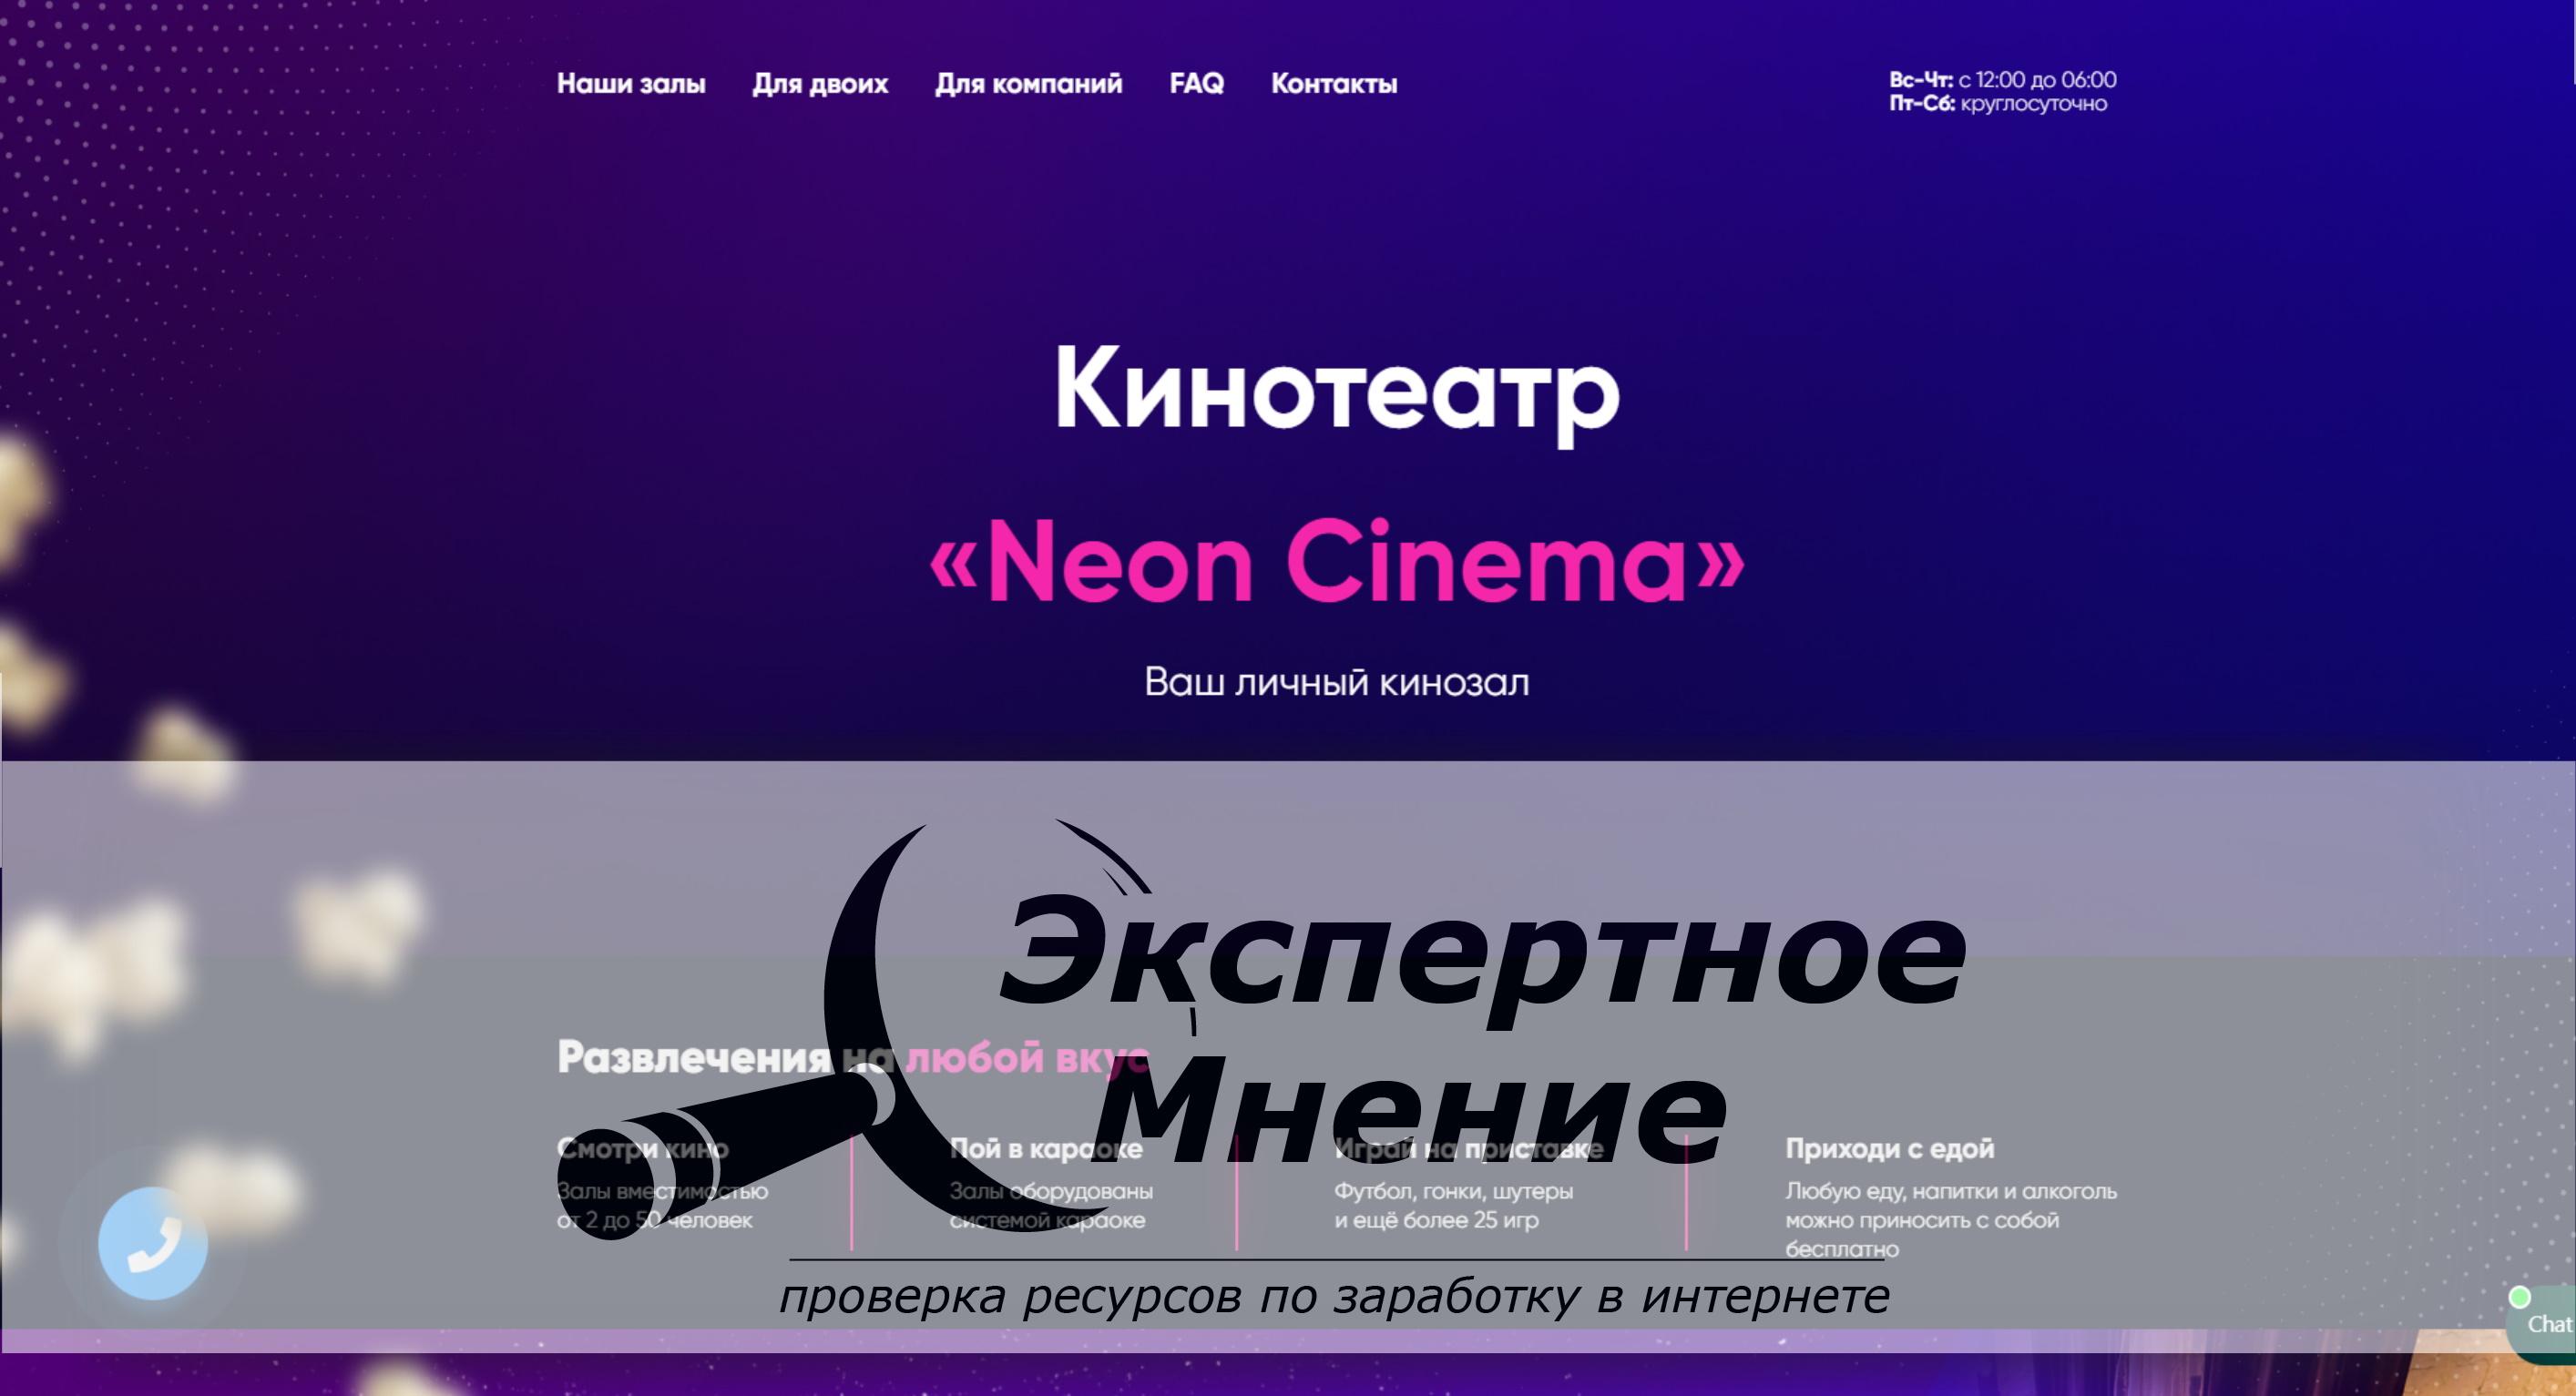 Кинотеатр Neon Сinema